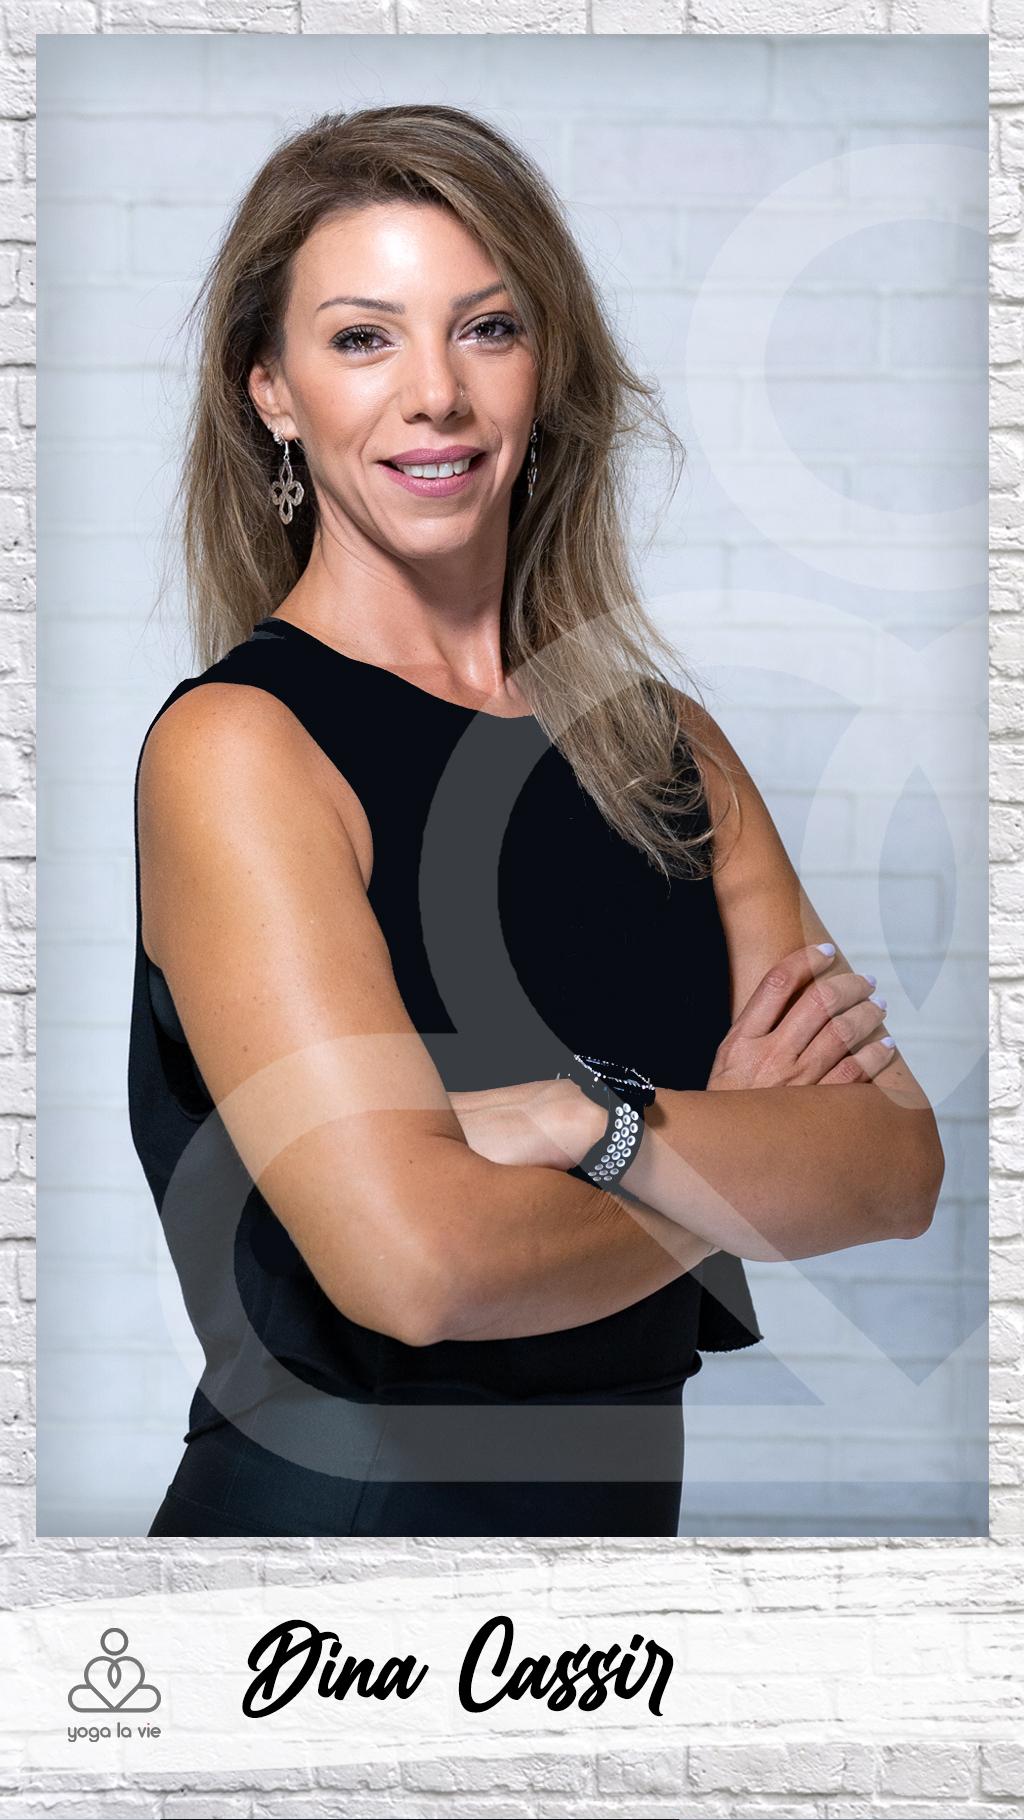 Dina-cassir-yogalaviedubai.instructor